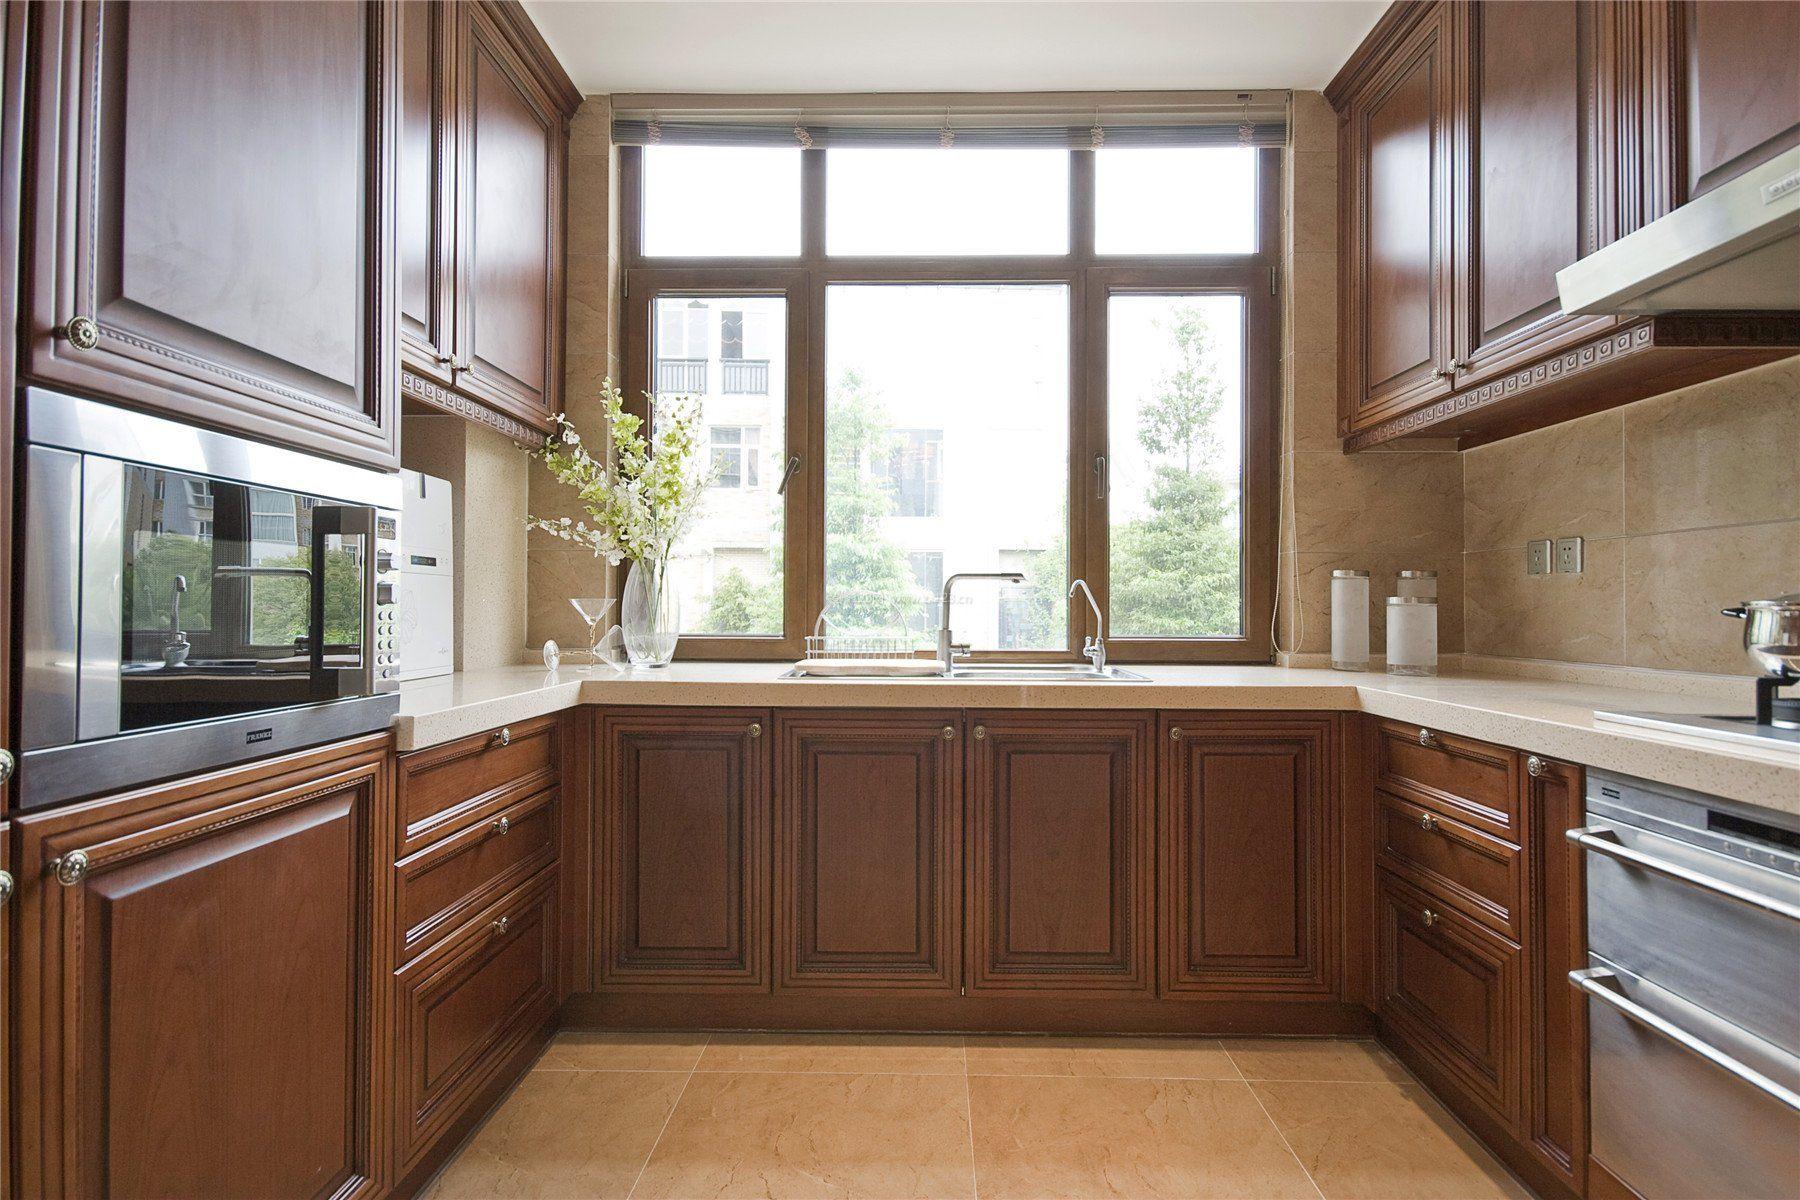 2017美式整体厨房装修效果图大全图片_装修123效果图